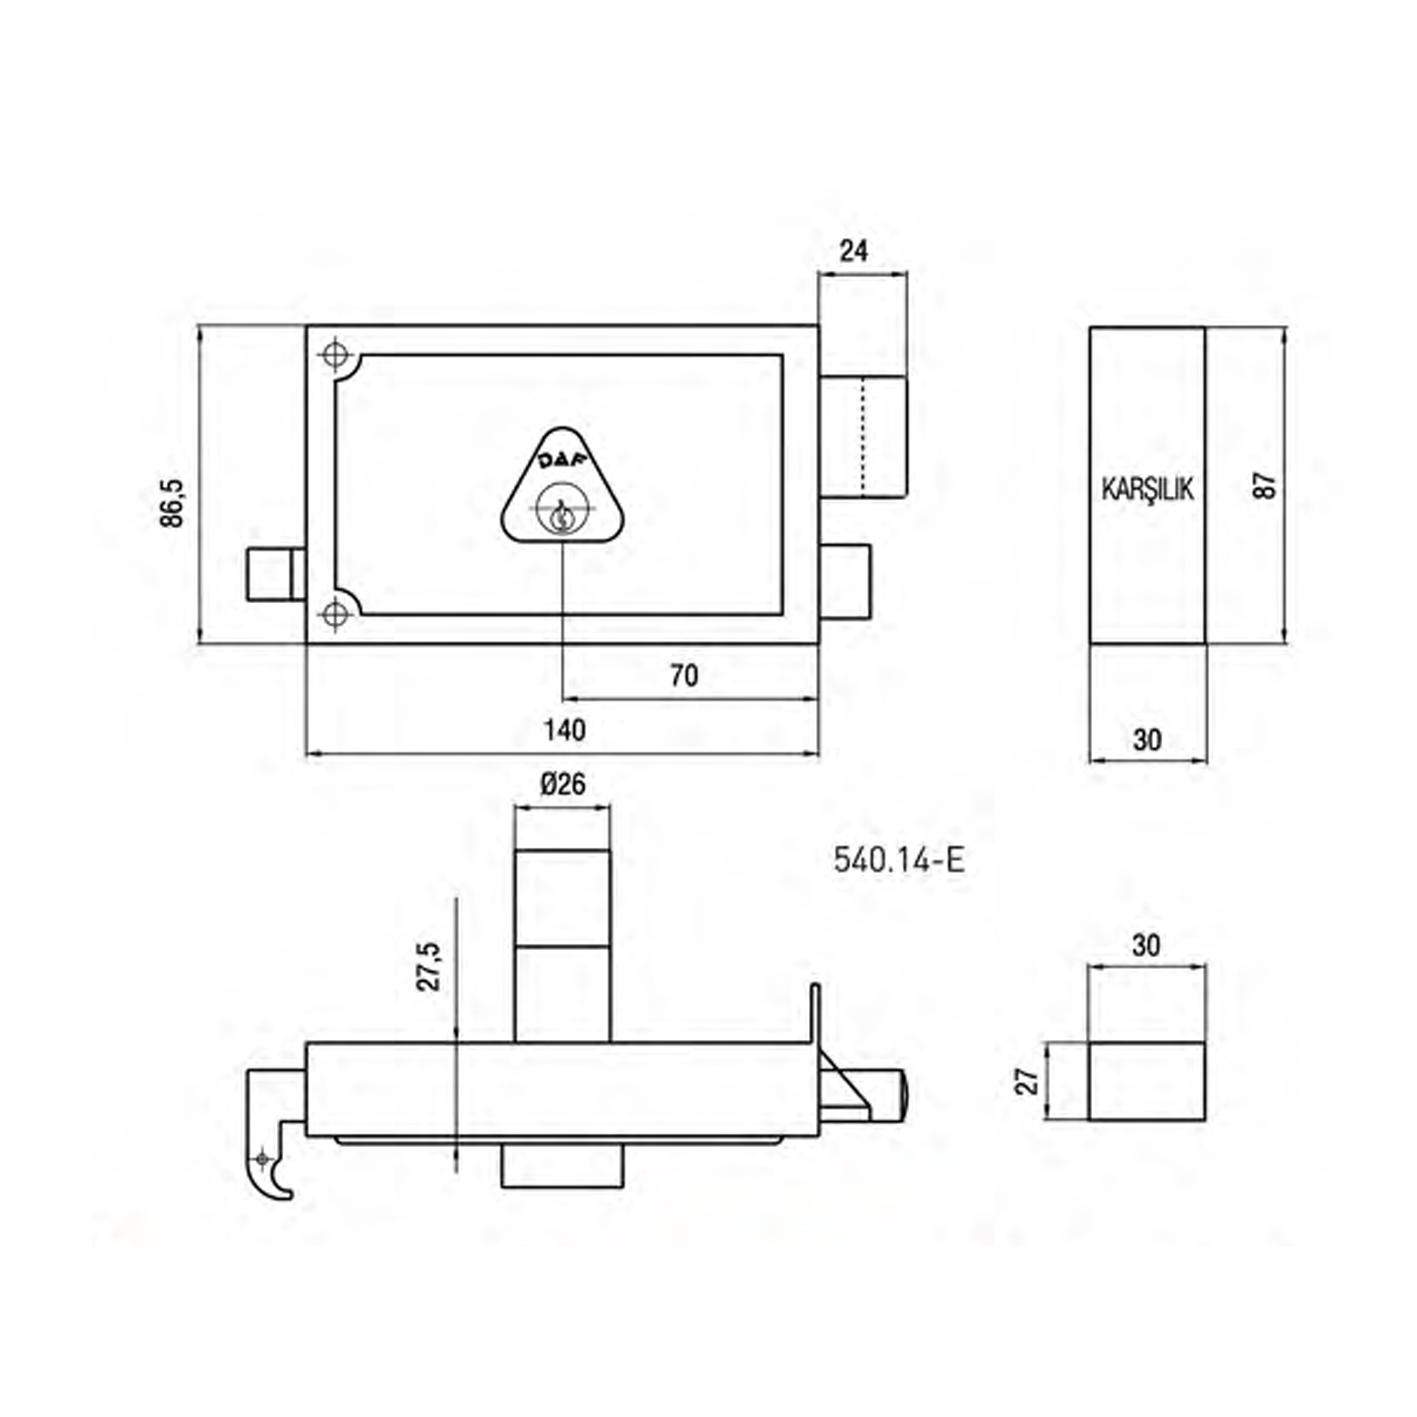 Daf 540-14 Trajlı Kilit Eko 140mm